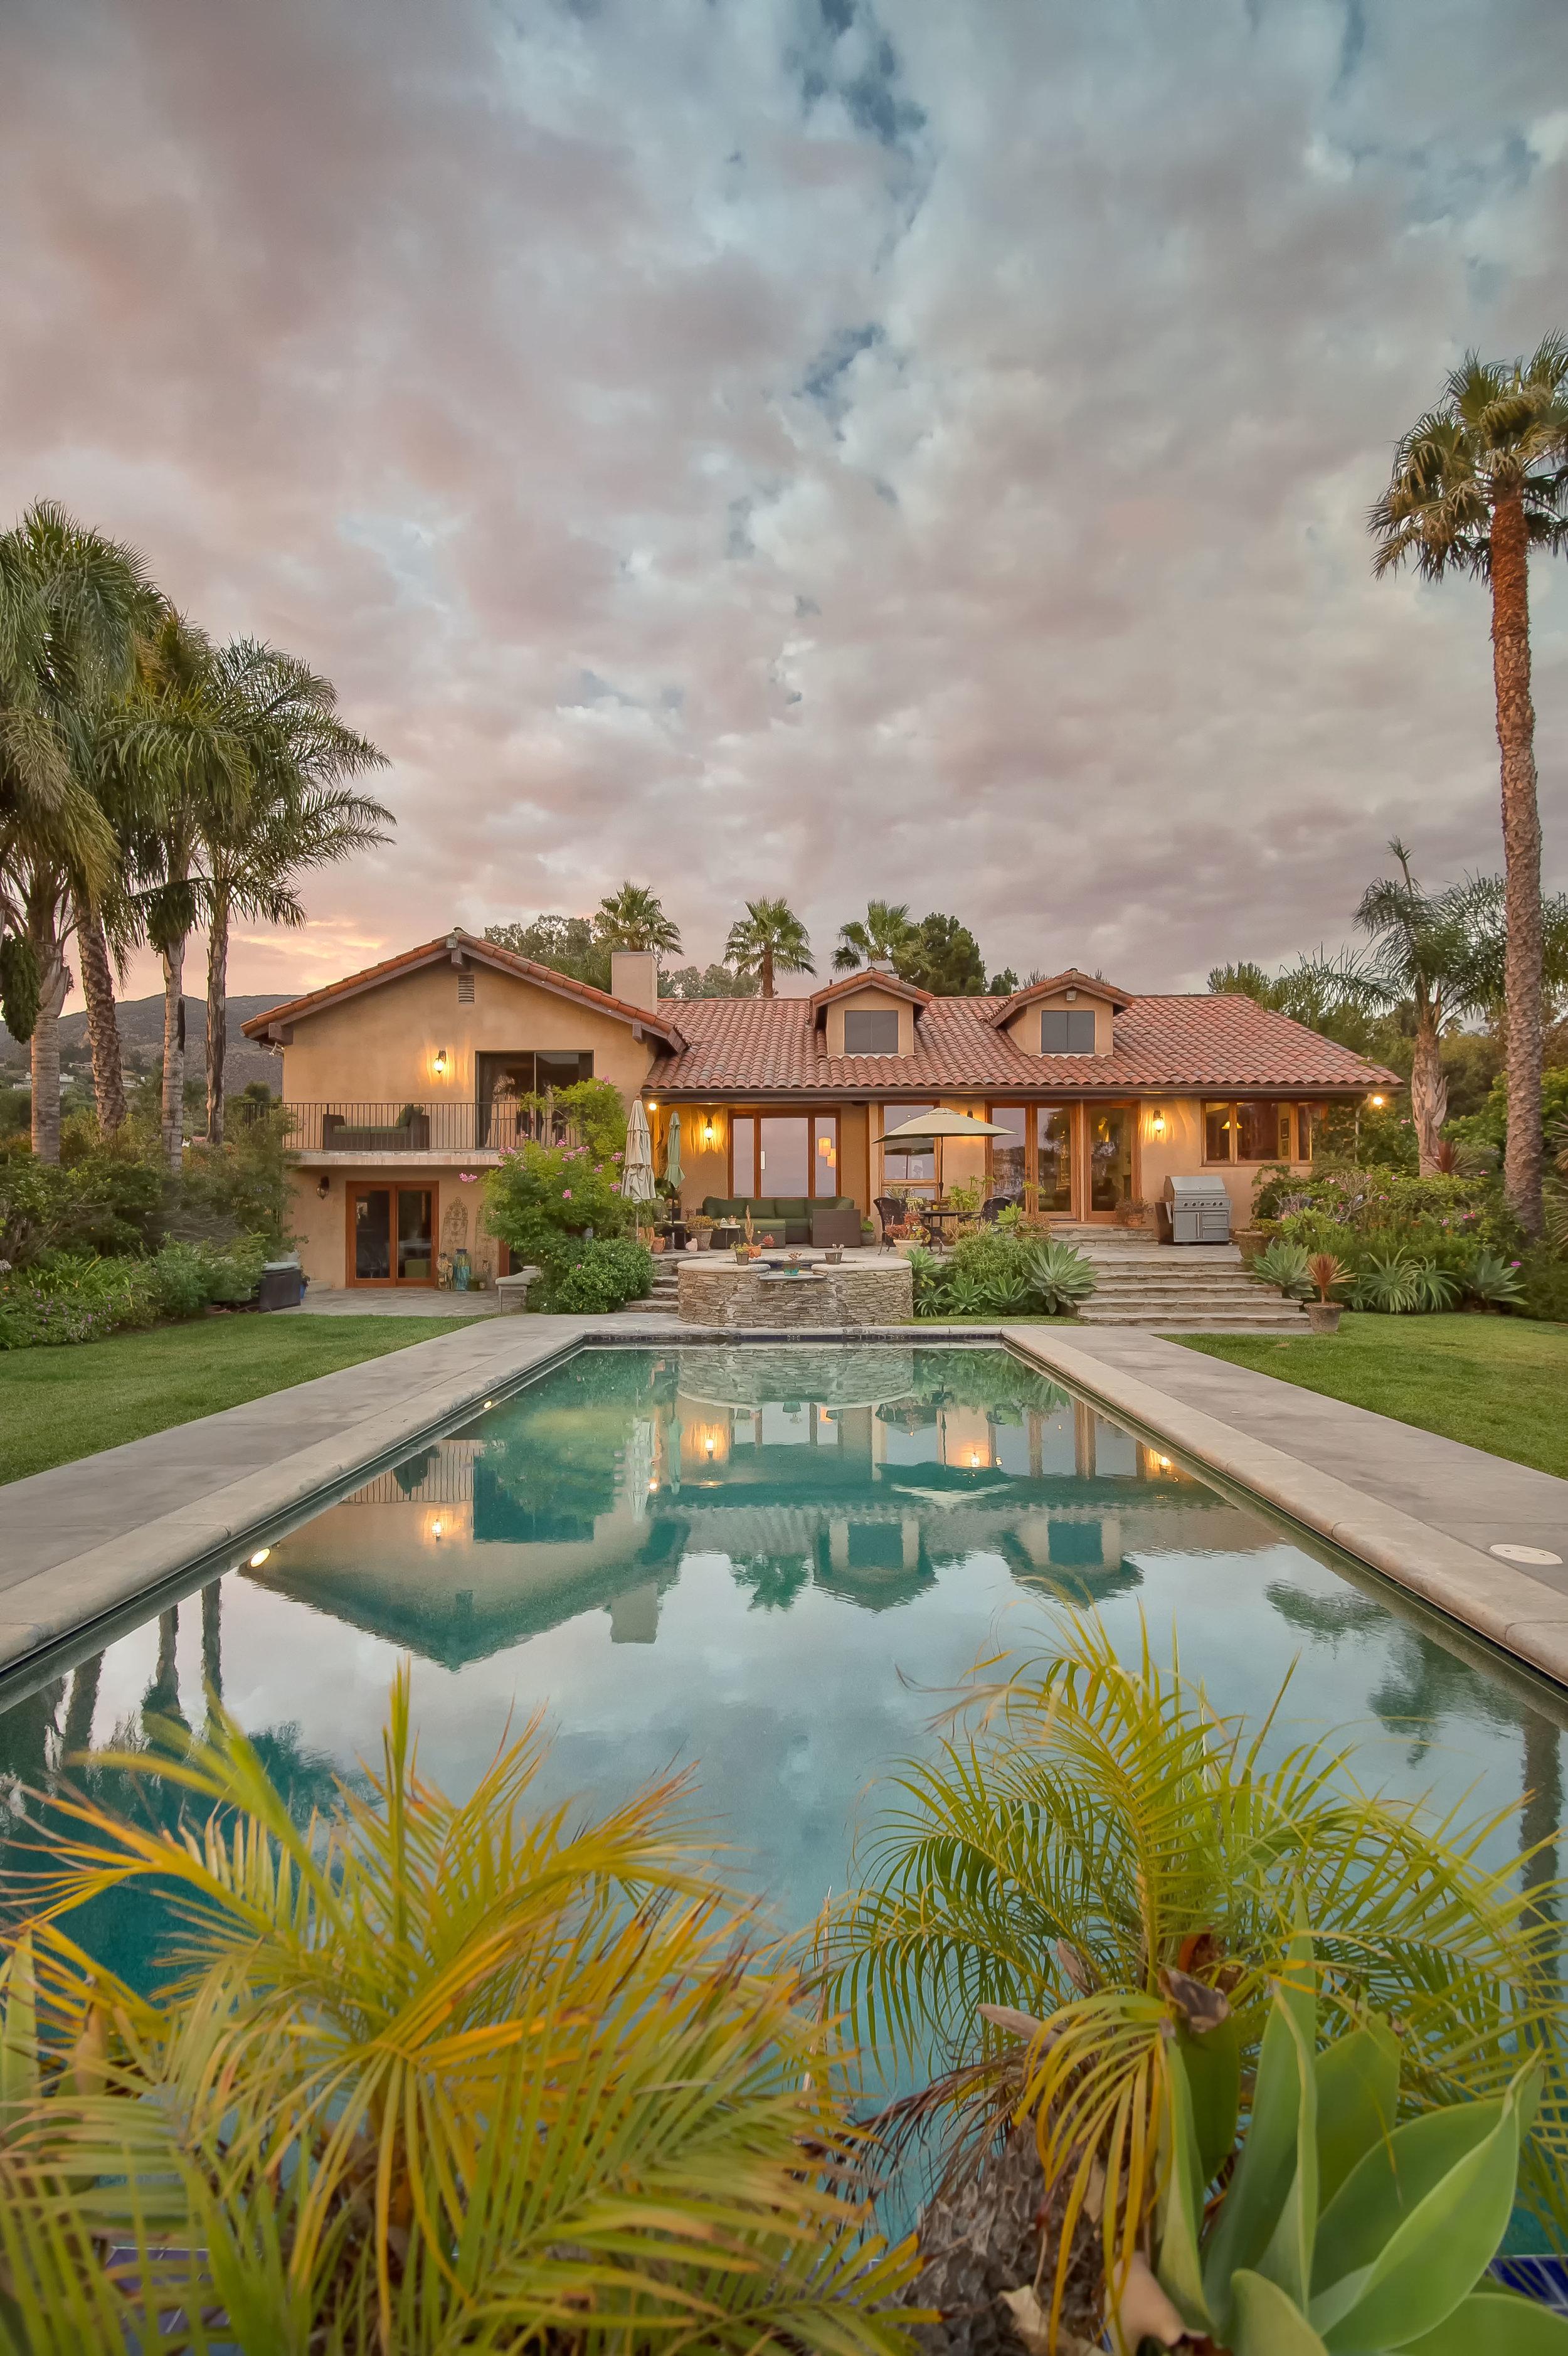 002 twilight pool 29660 Harvester Road Malibu For Sale The Malibu Life Team Luxury Real Estate.jpg